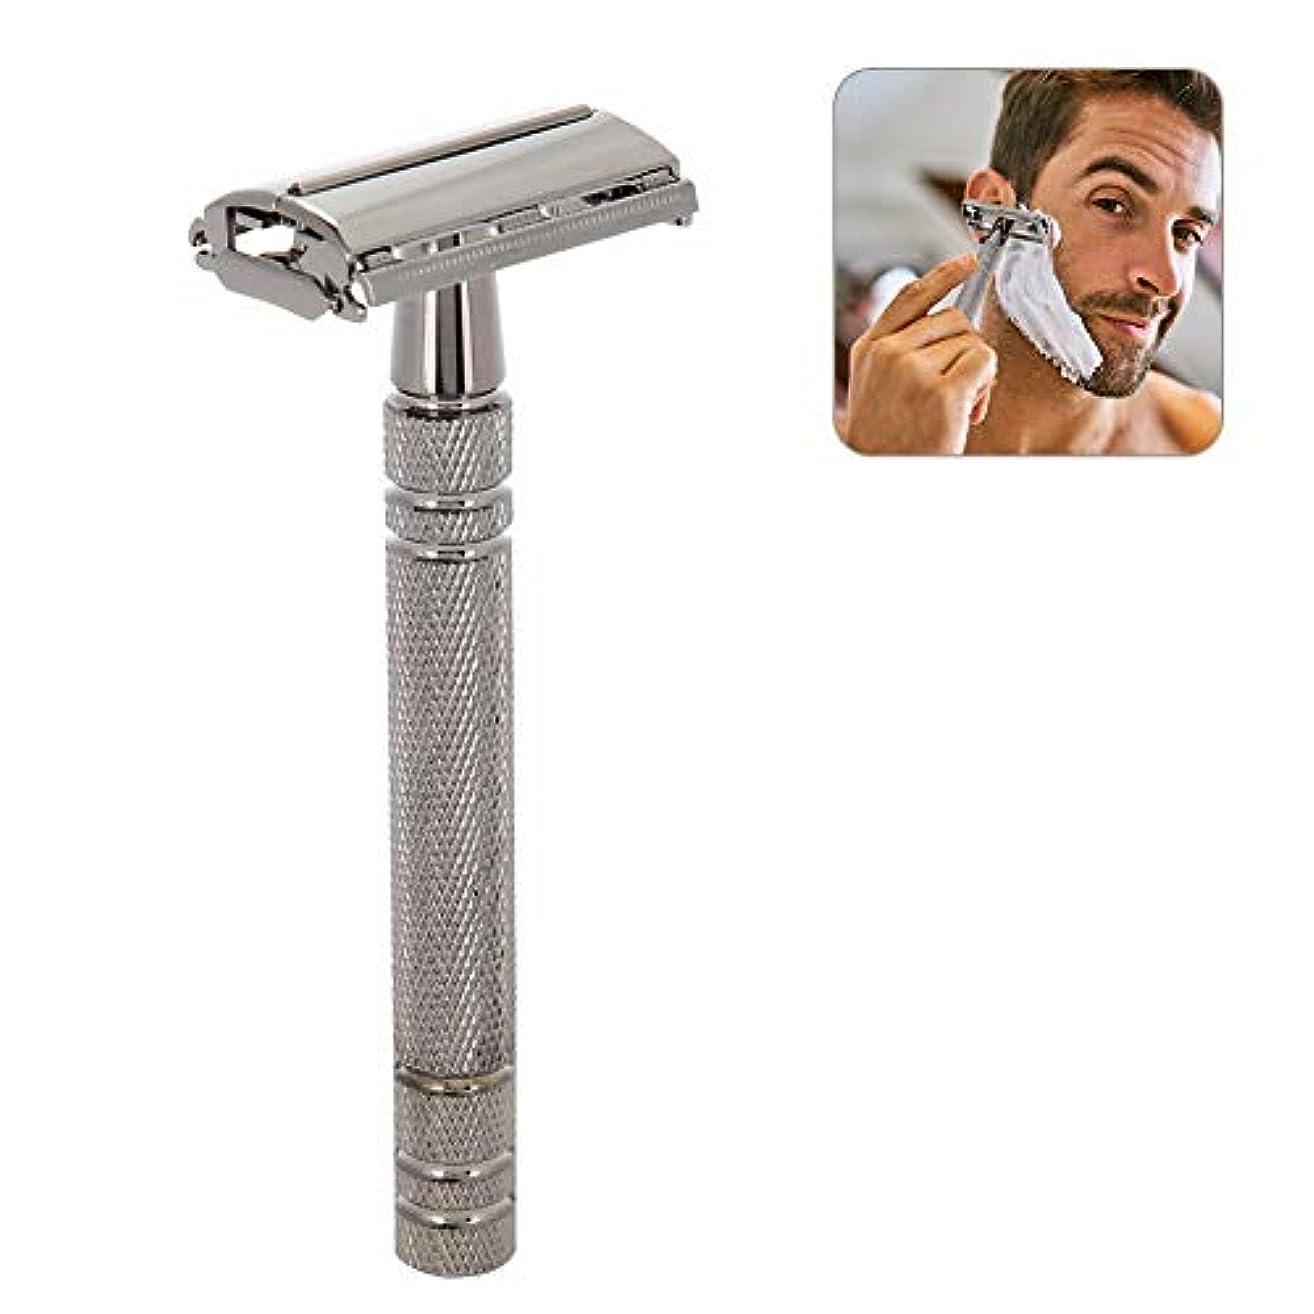 元気妥協もう一度メンズシェーバー クラシックレイザー 脱毛器 剃刀 手動 交換可能なブレード(シルバー)